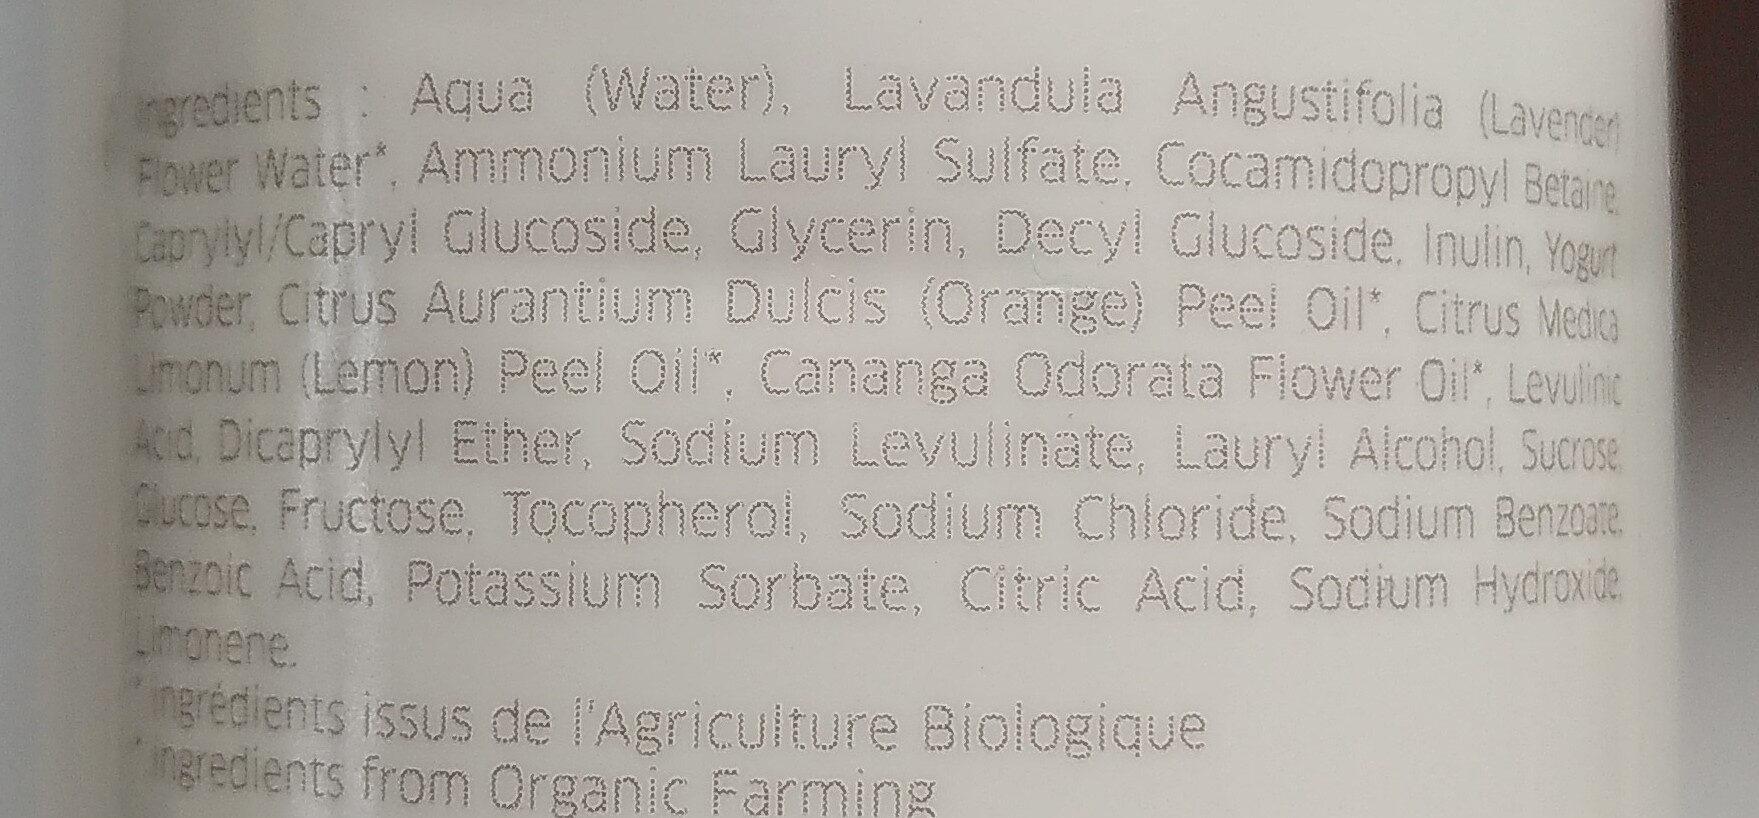 Shampooing Brillance Intense aux huiles essentielles bio - Ingredients - fr